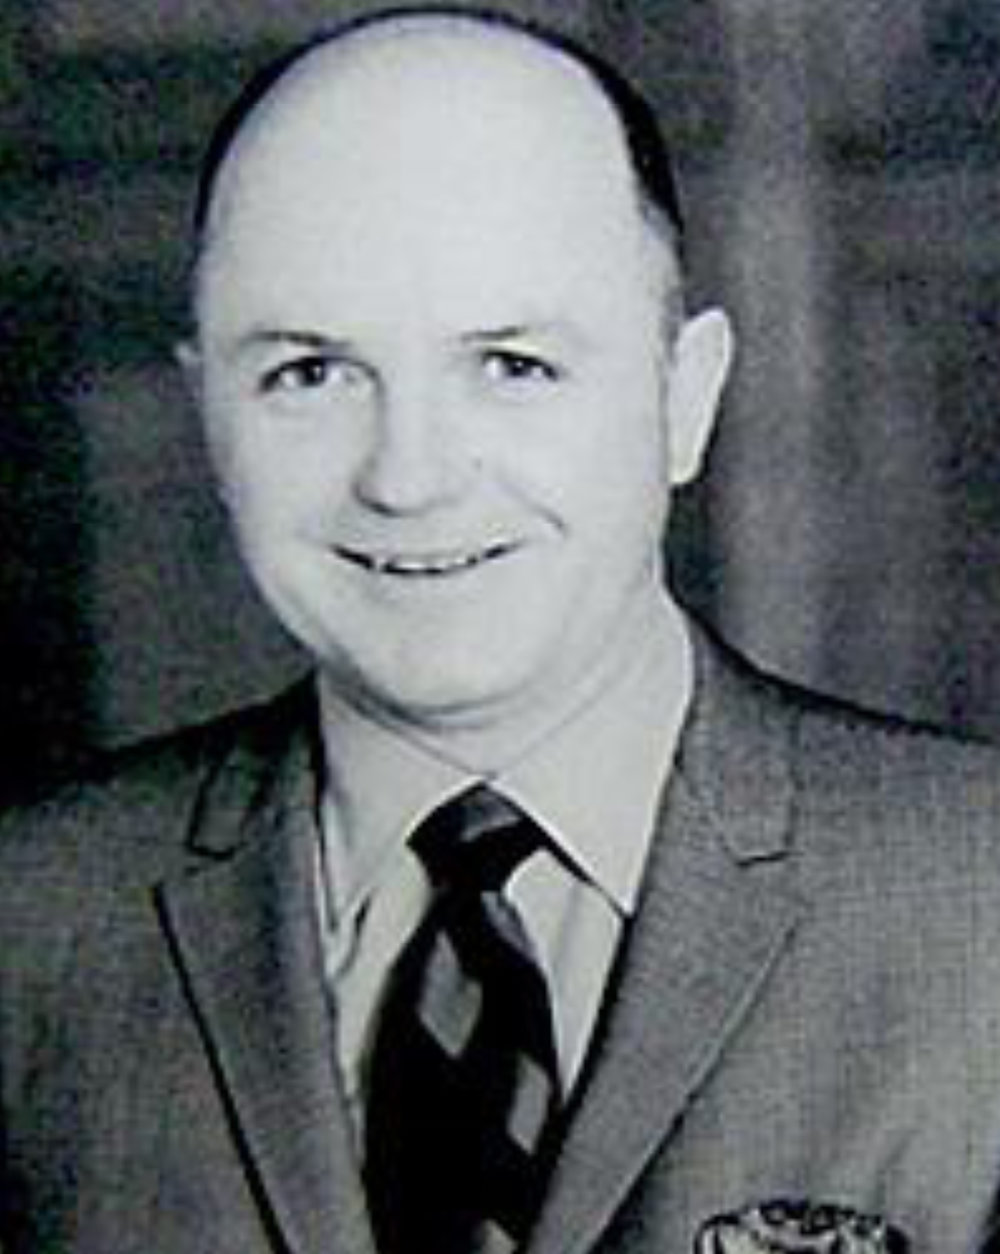 BILL BRUNSON